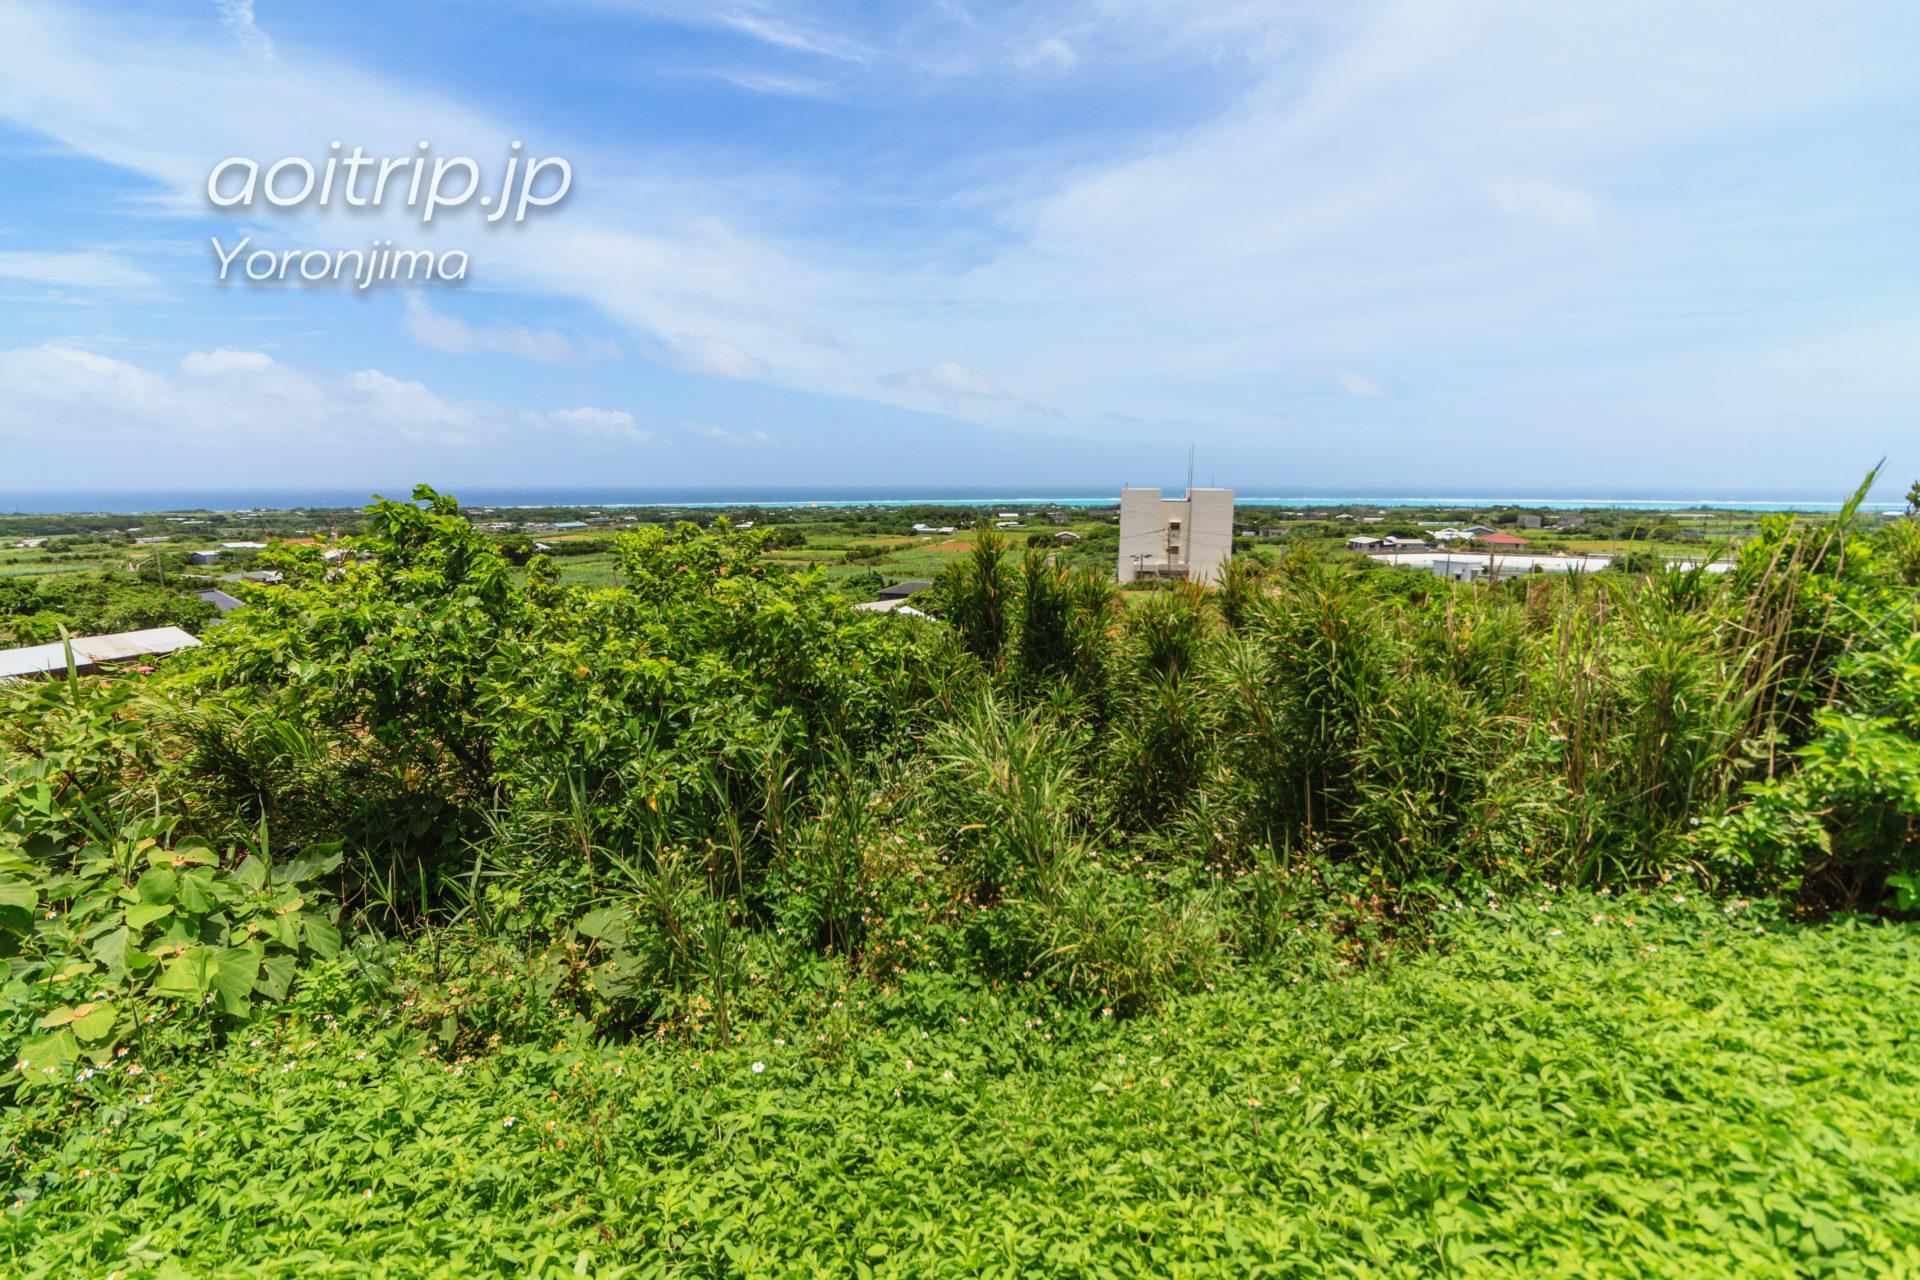 与論島 舵引き丘 東側の眺望